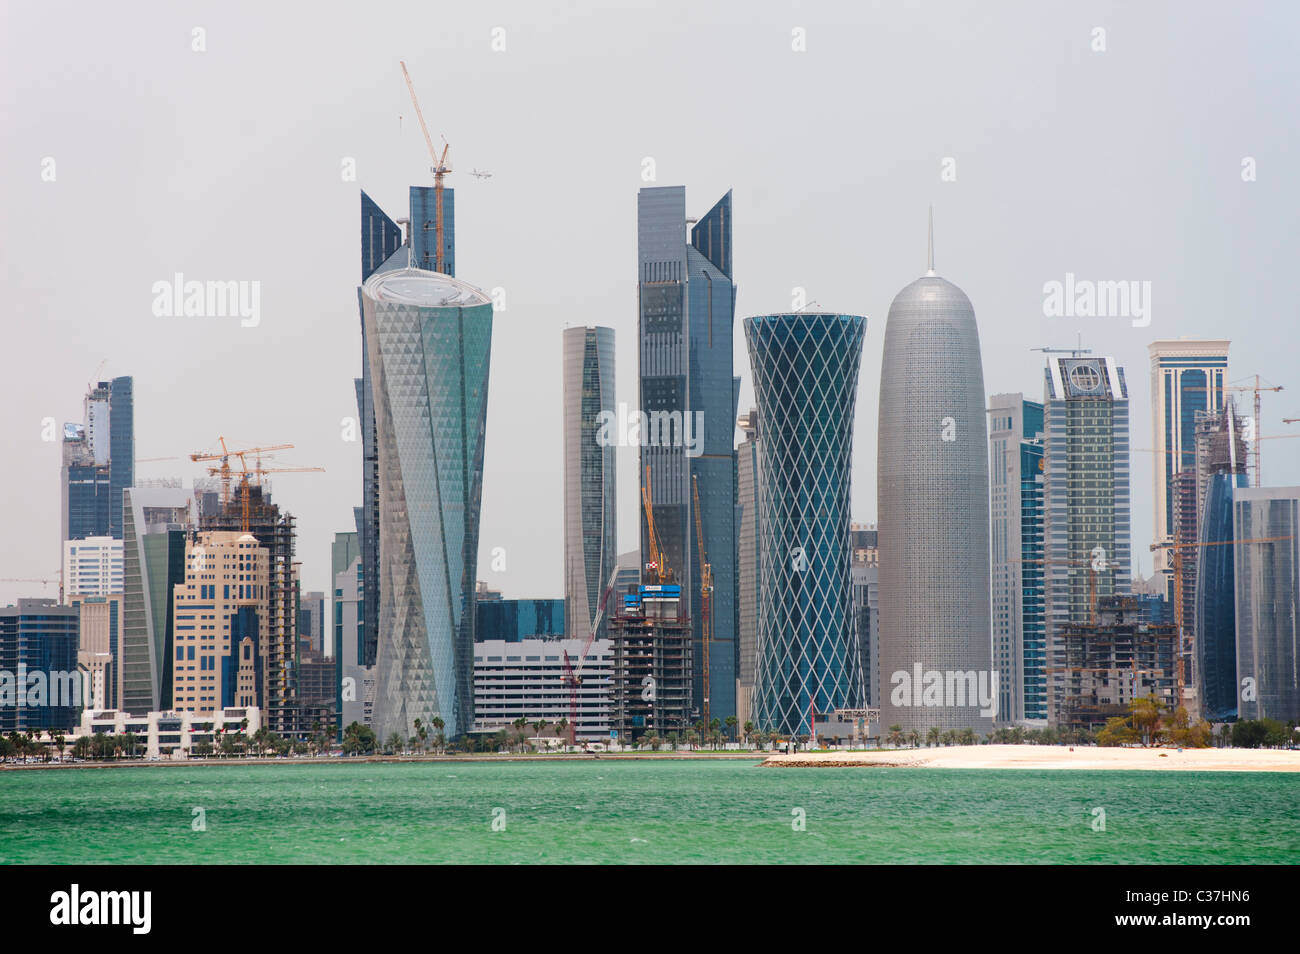 Alto e moderno ufficio torri formano skyline di Doha in Qatar Immagini Stock